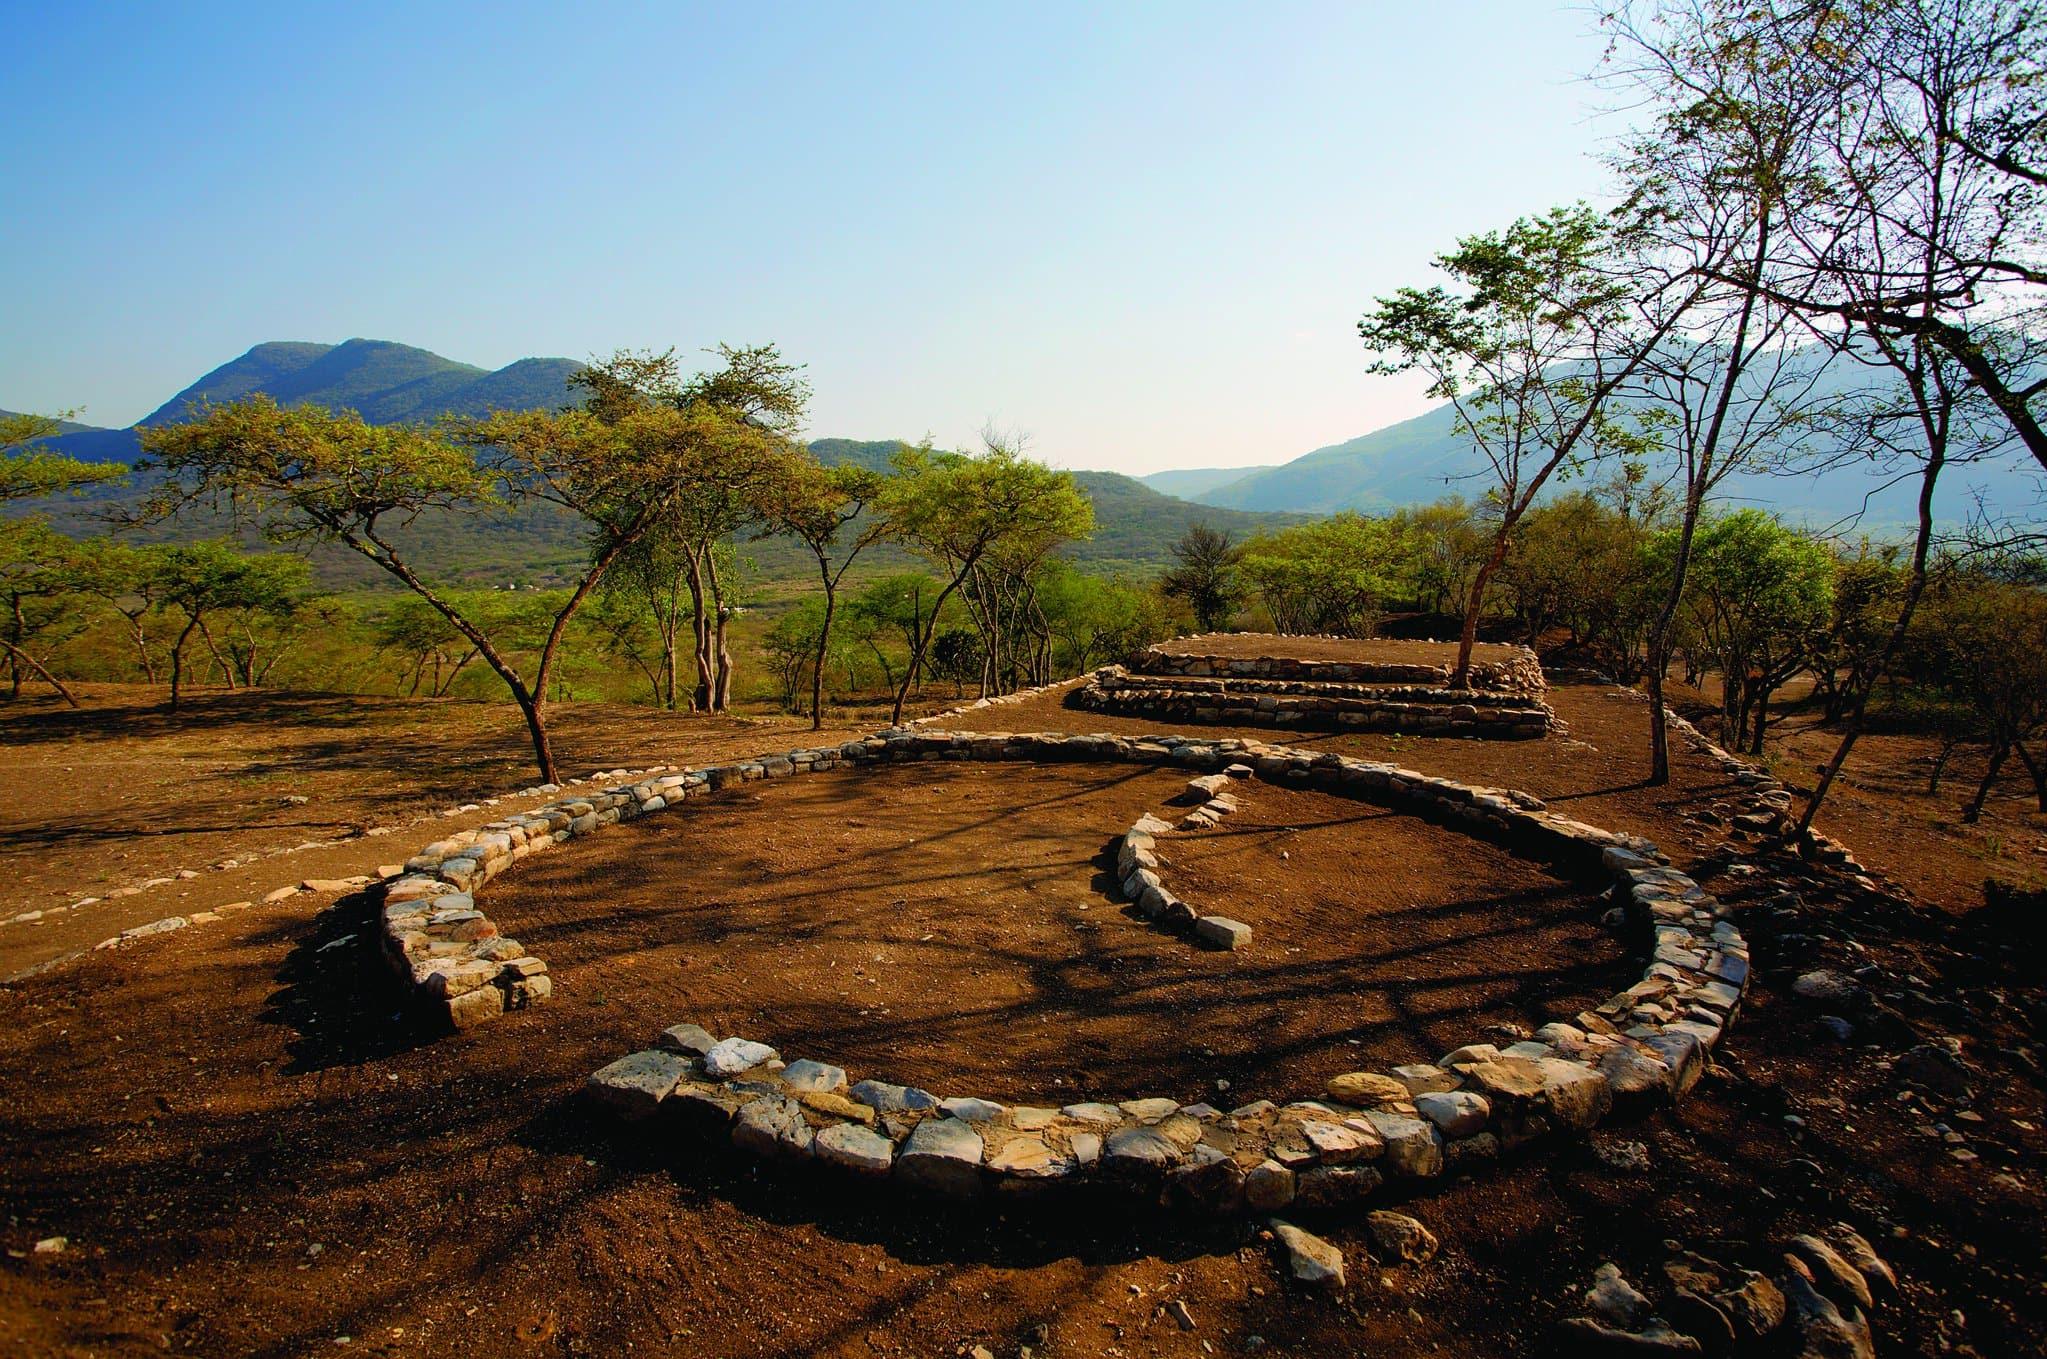 Zona Arqueológica Tancama, Querétaro